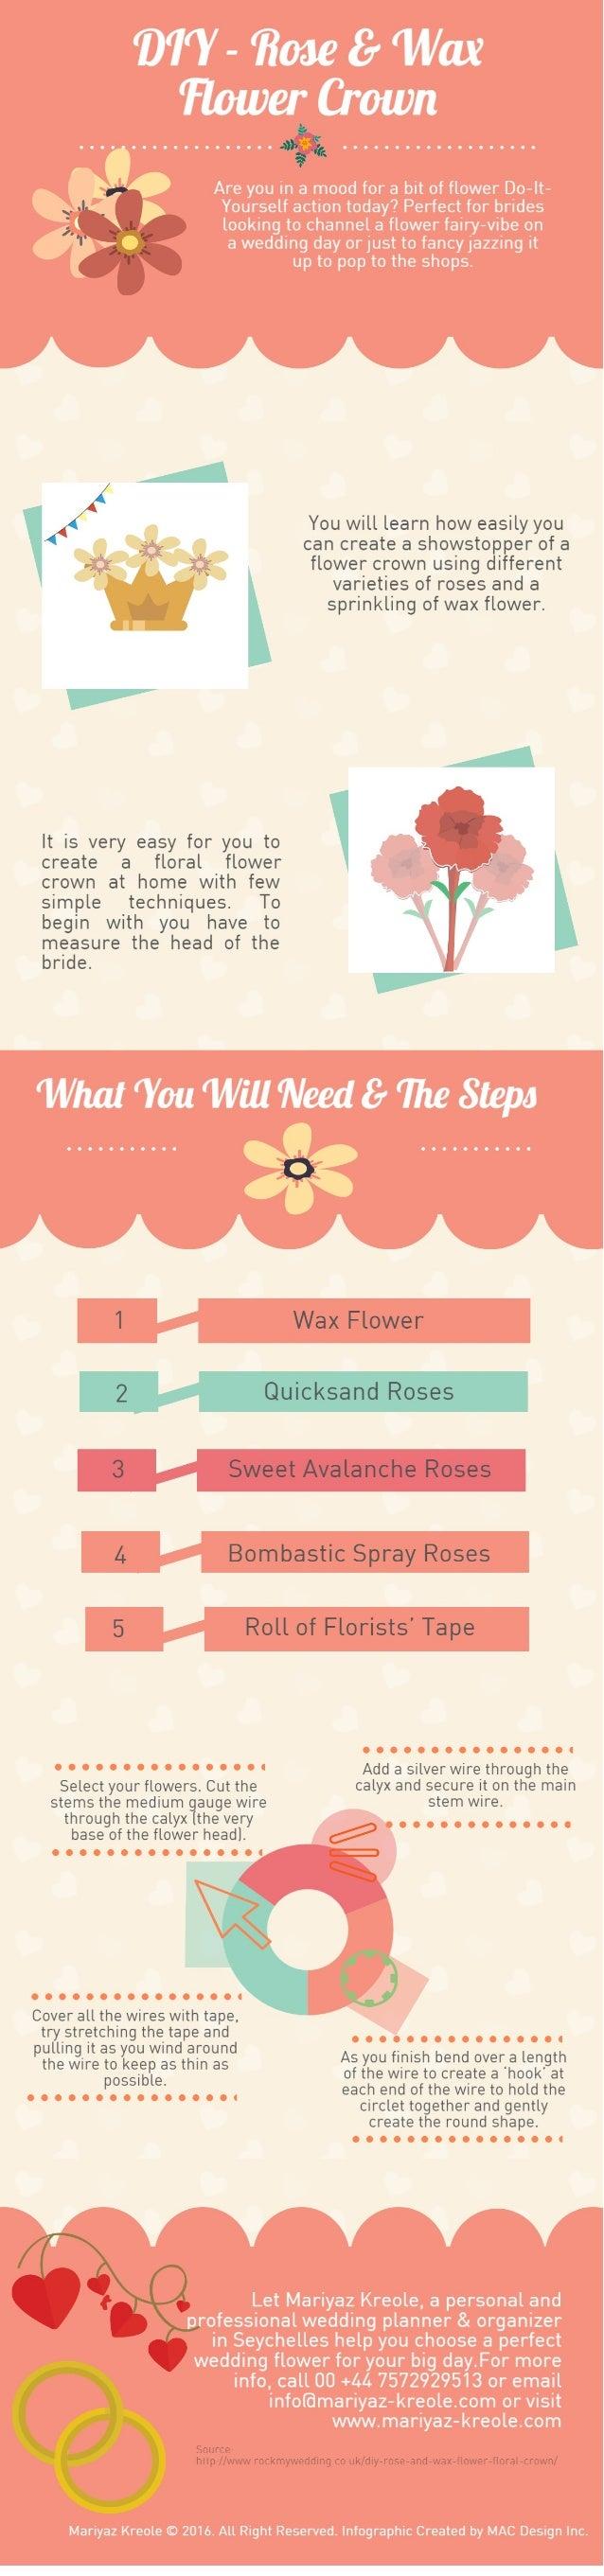 DIY - Rose & Wax Flower Crown